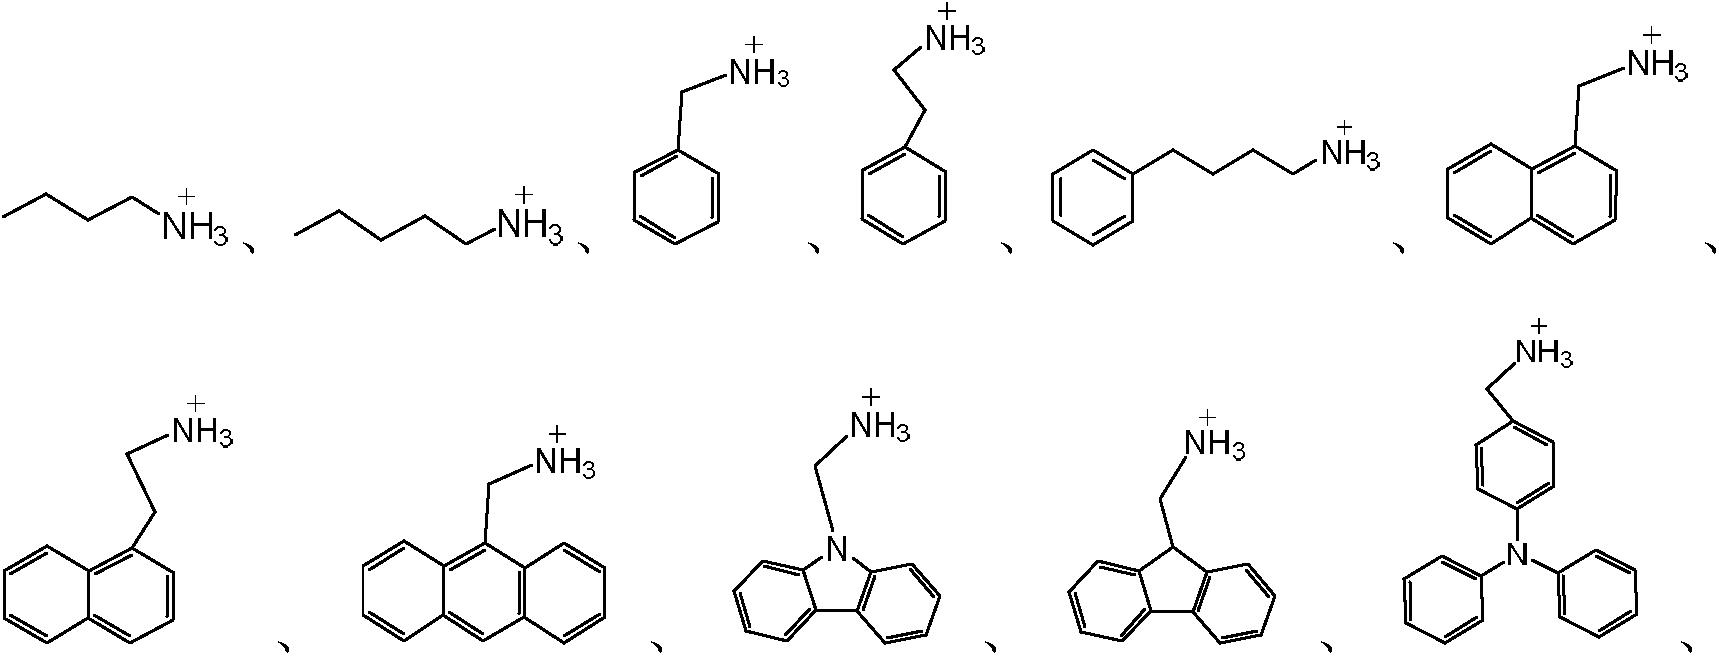 Figure PCTCN2017071351-appb-100001